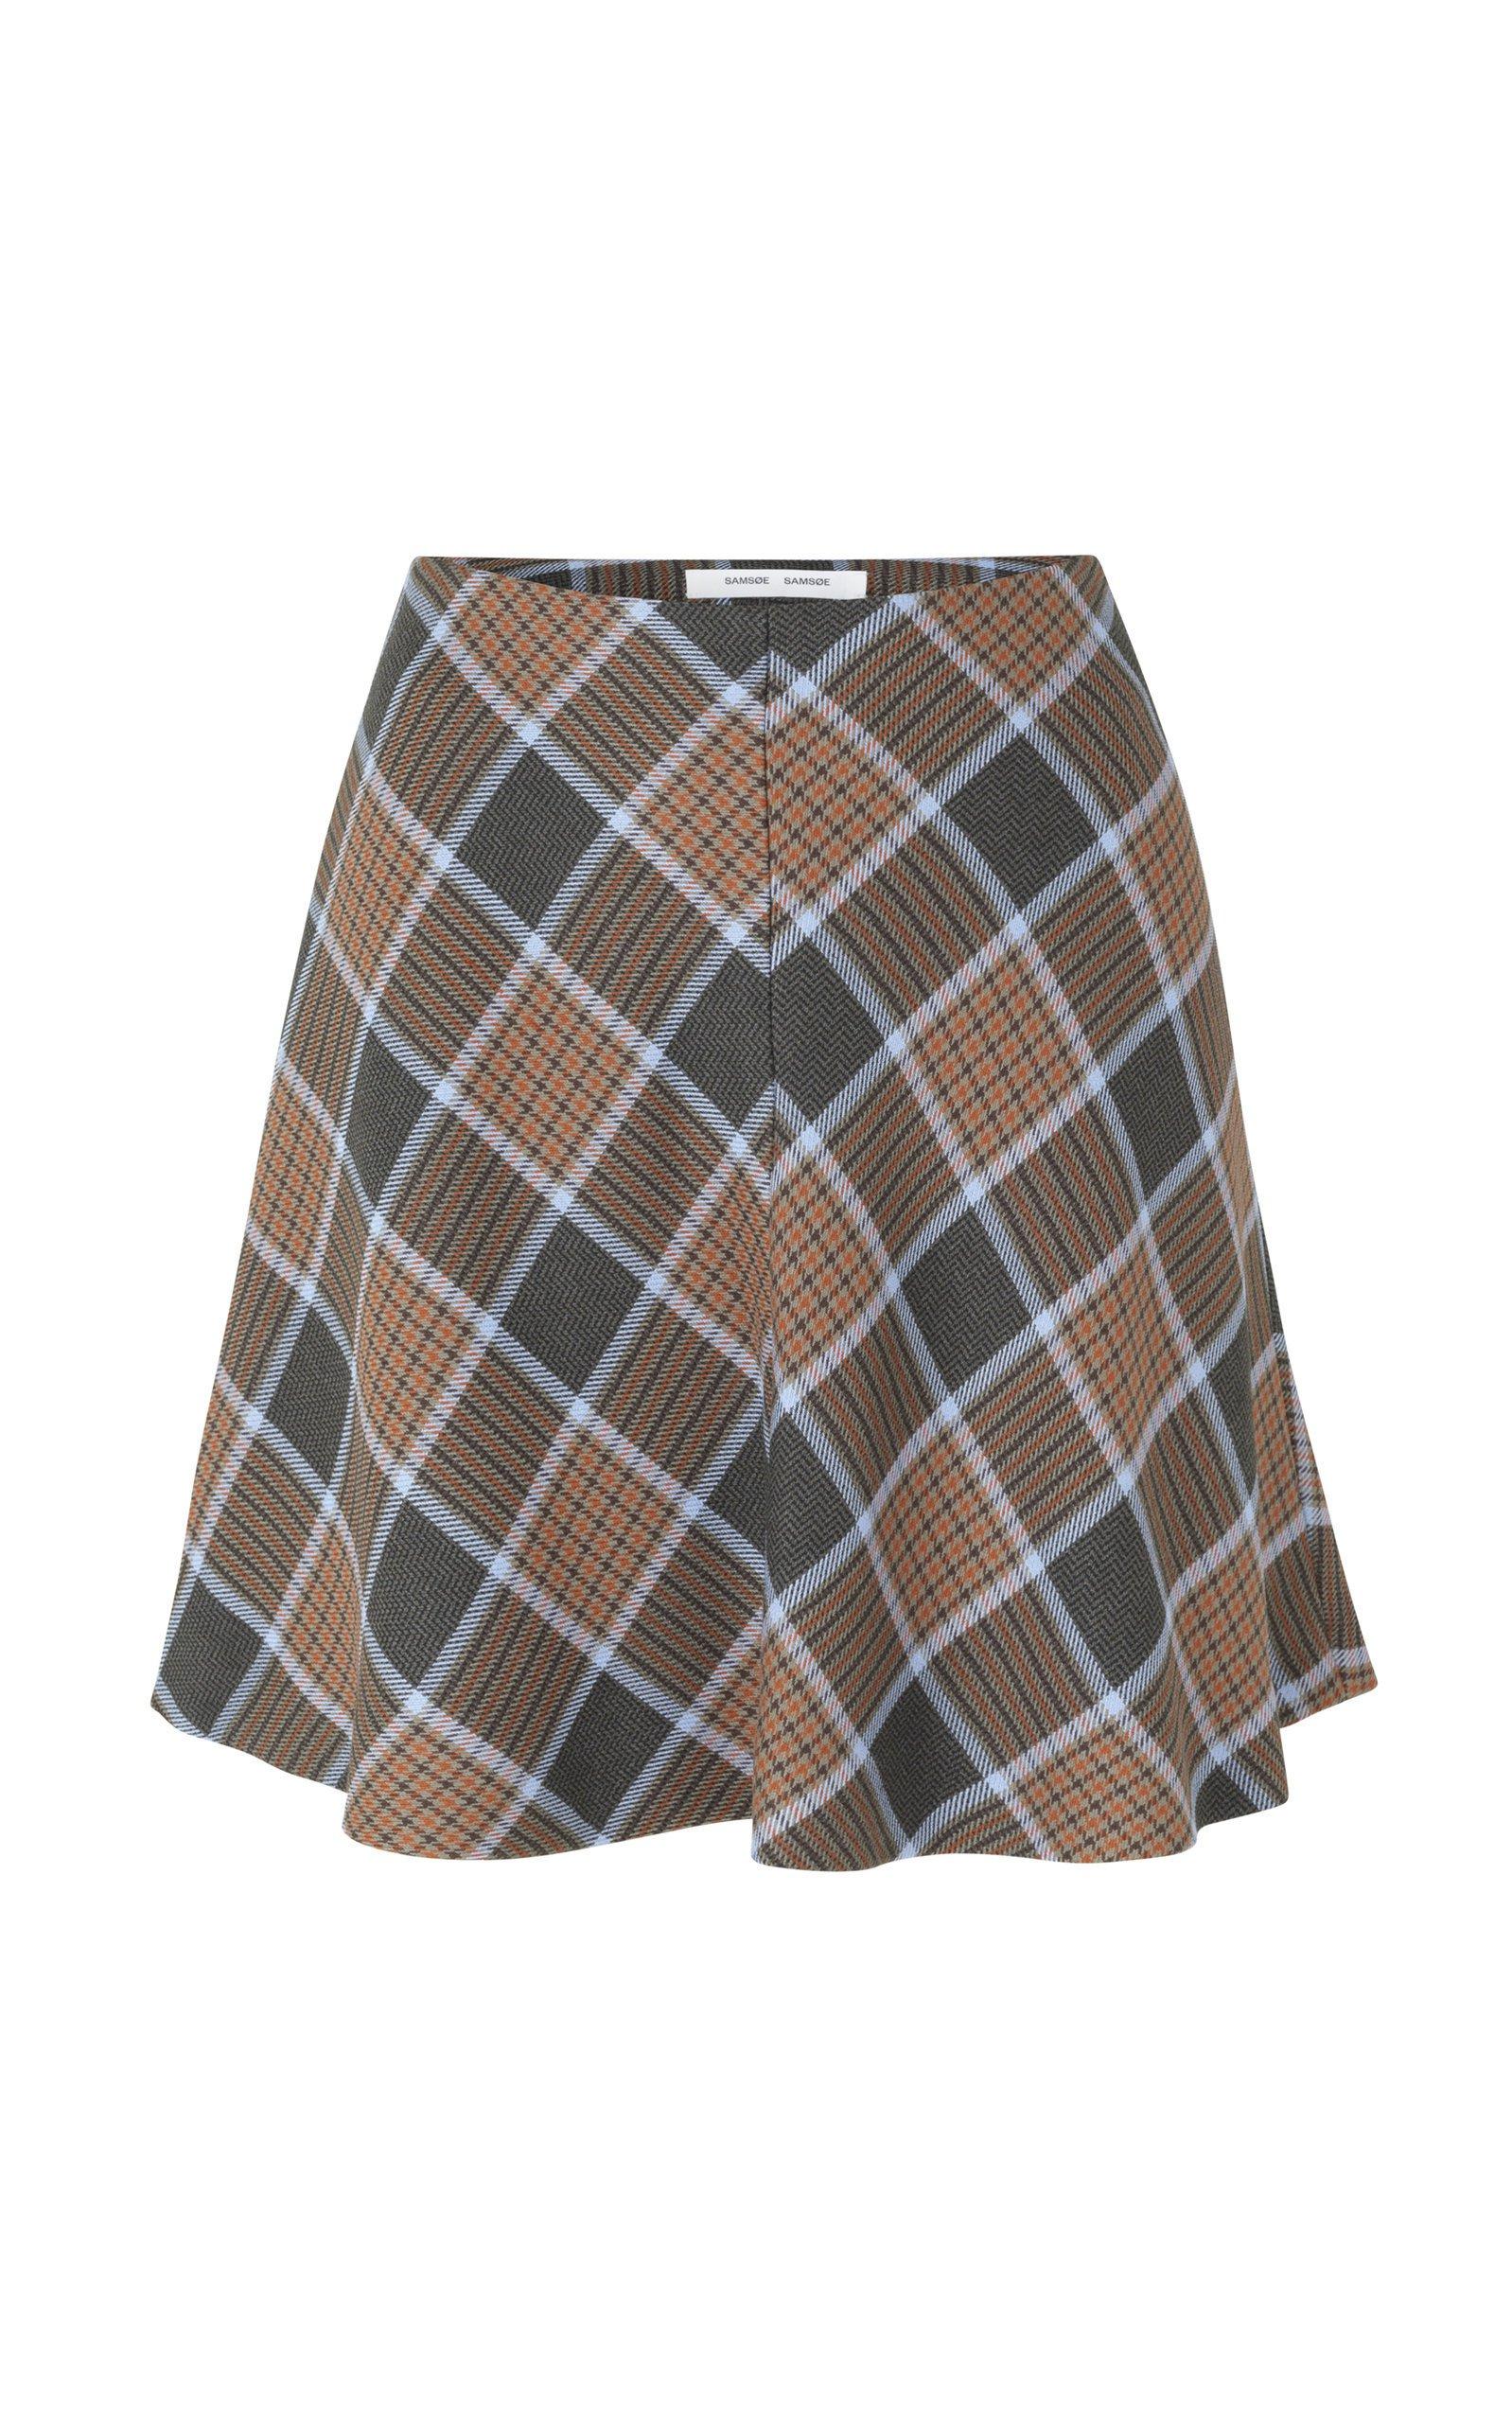 Samsøe Samsøe Kora Plaid Skirt Size: XL